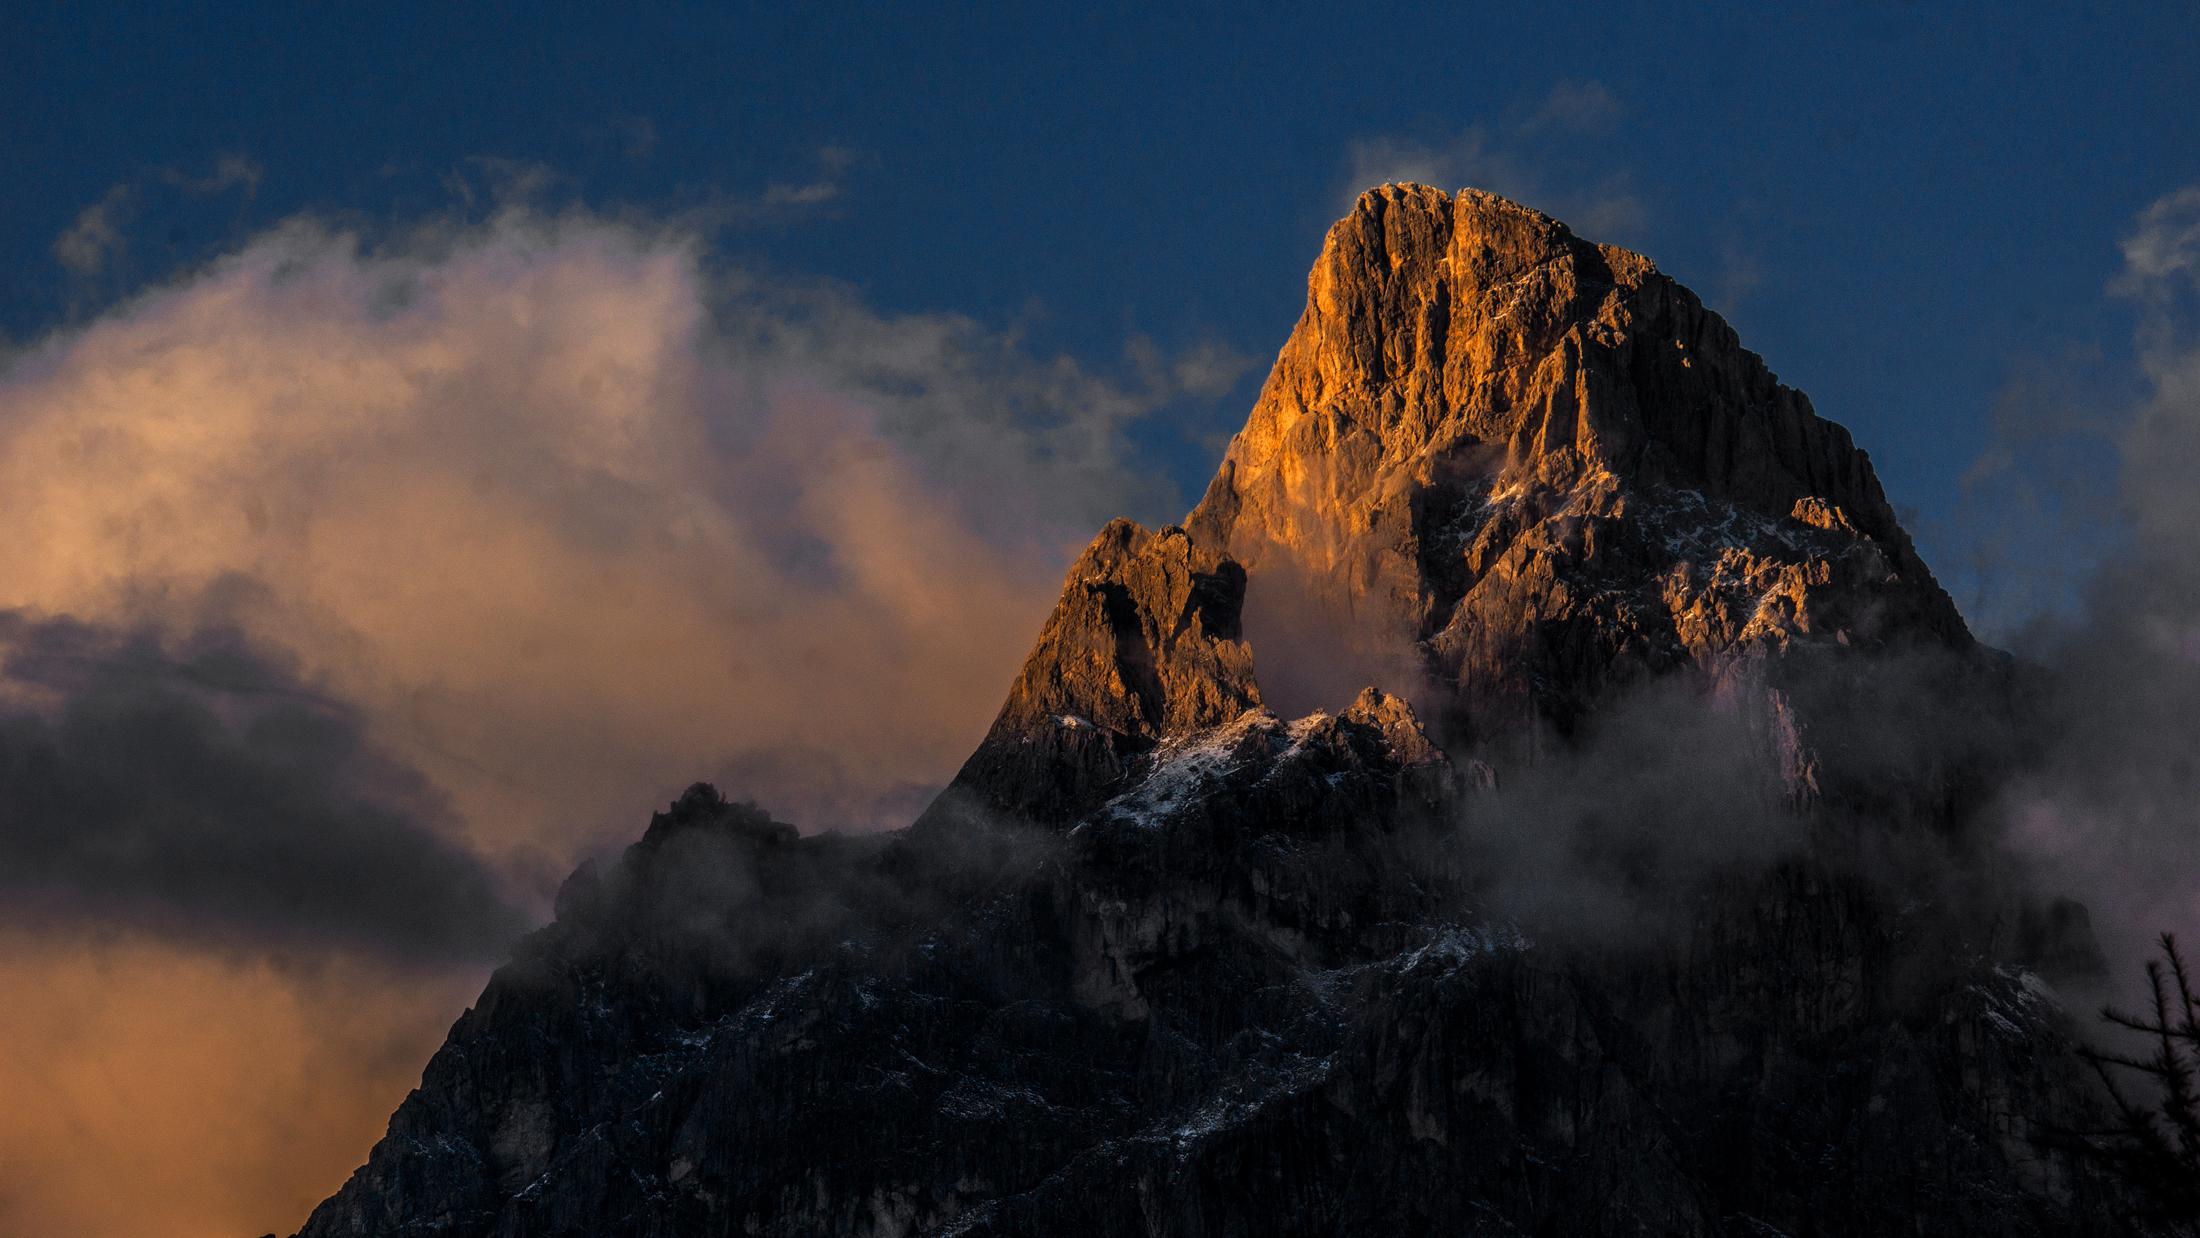 Dolomiti, Pale di S.Martino, Cima Rosetta